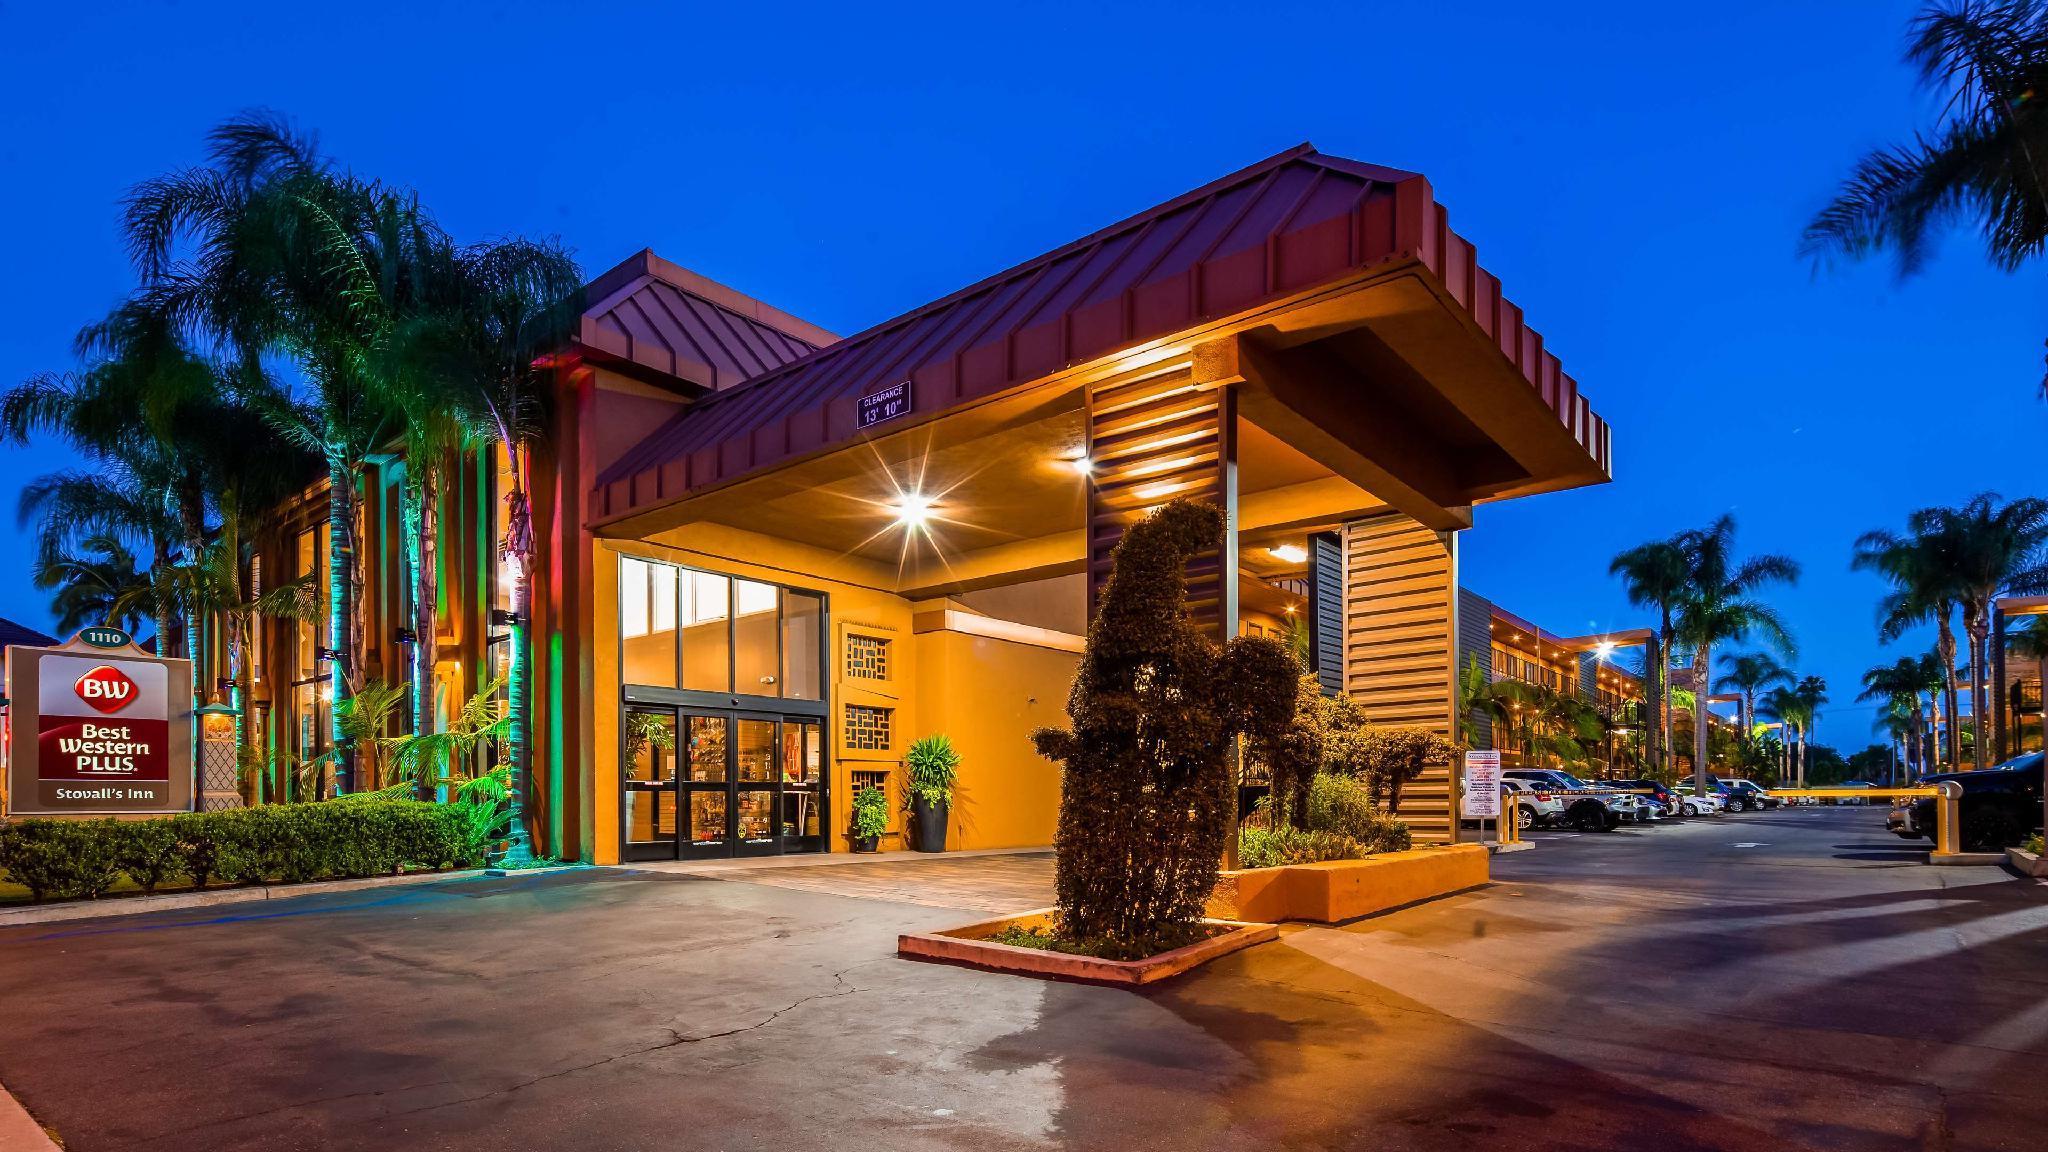 Best Western Plus Stovall Inn image